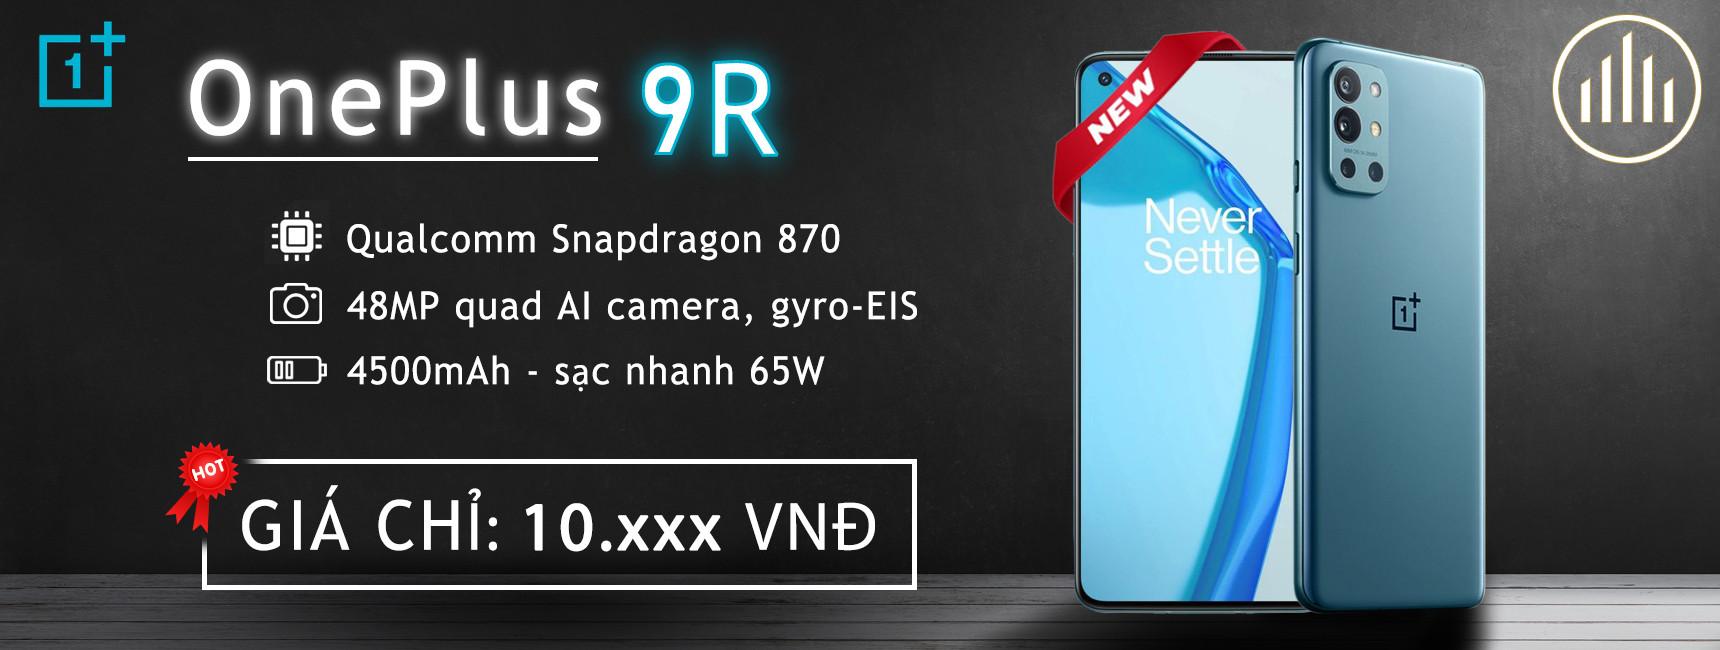 Điện thoại OnePlus 9R (Snap 870)